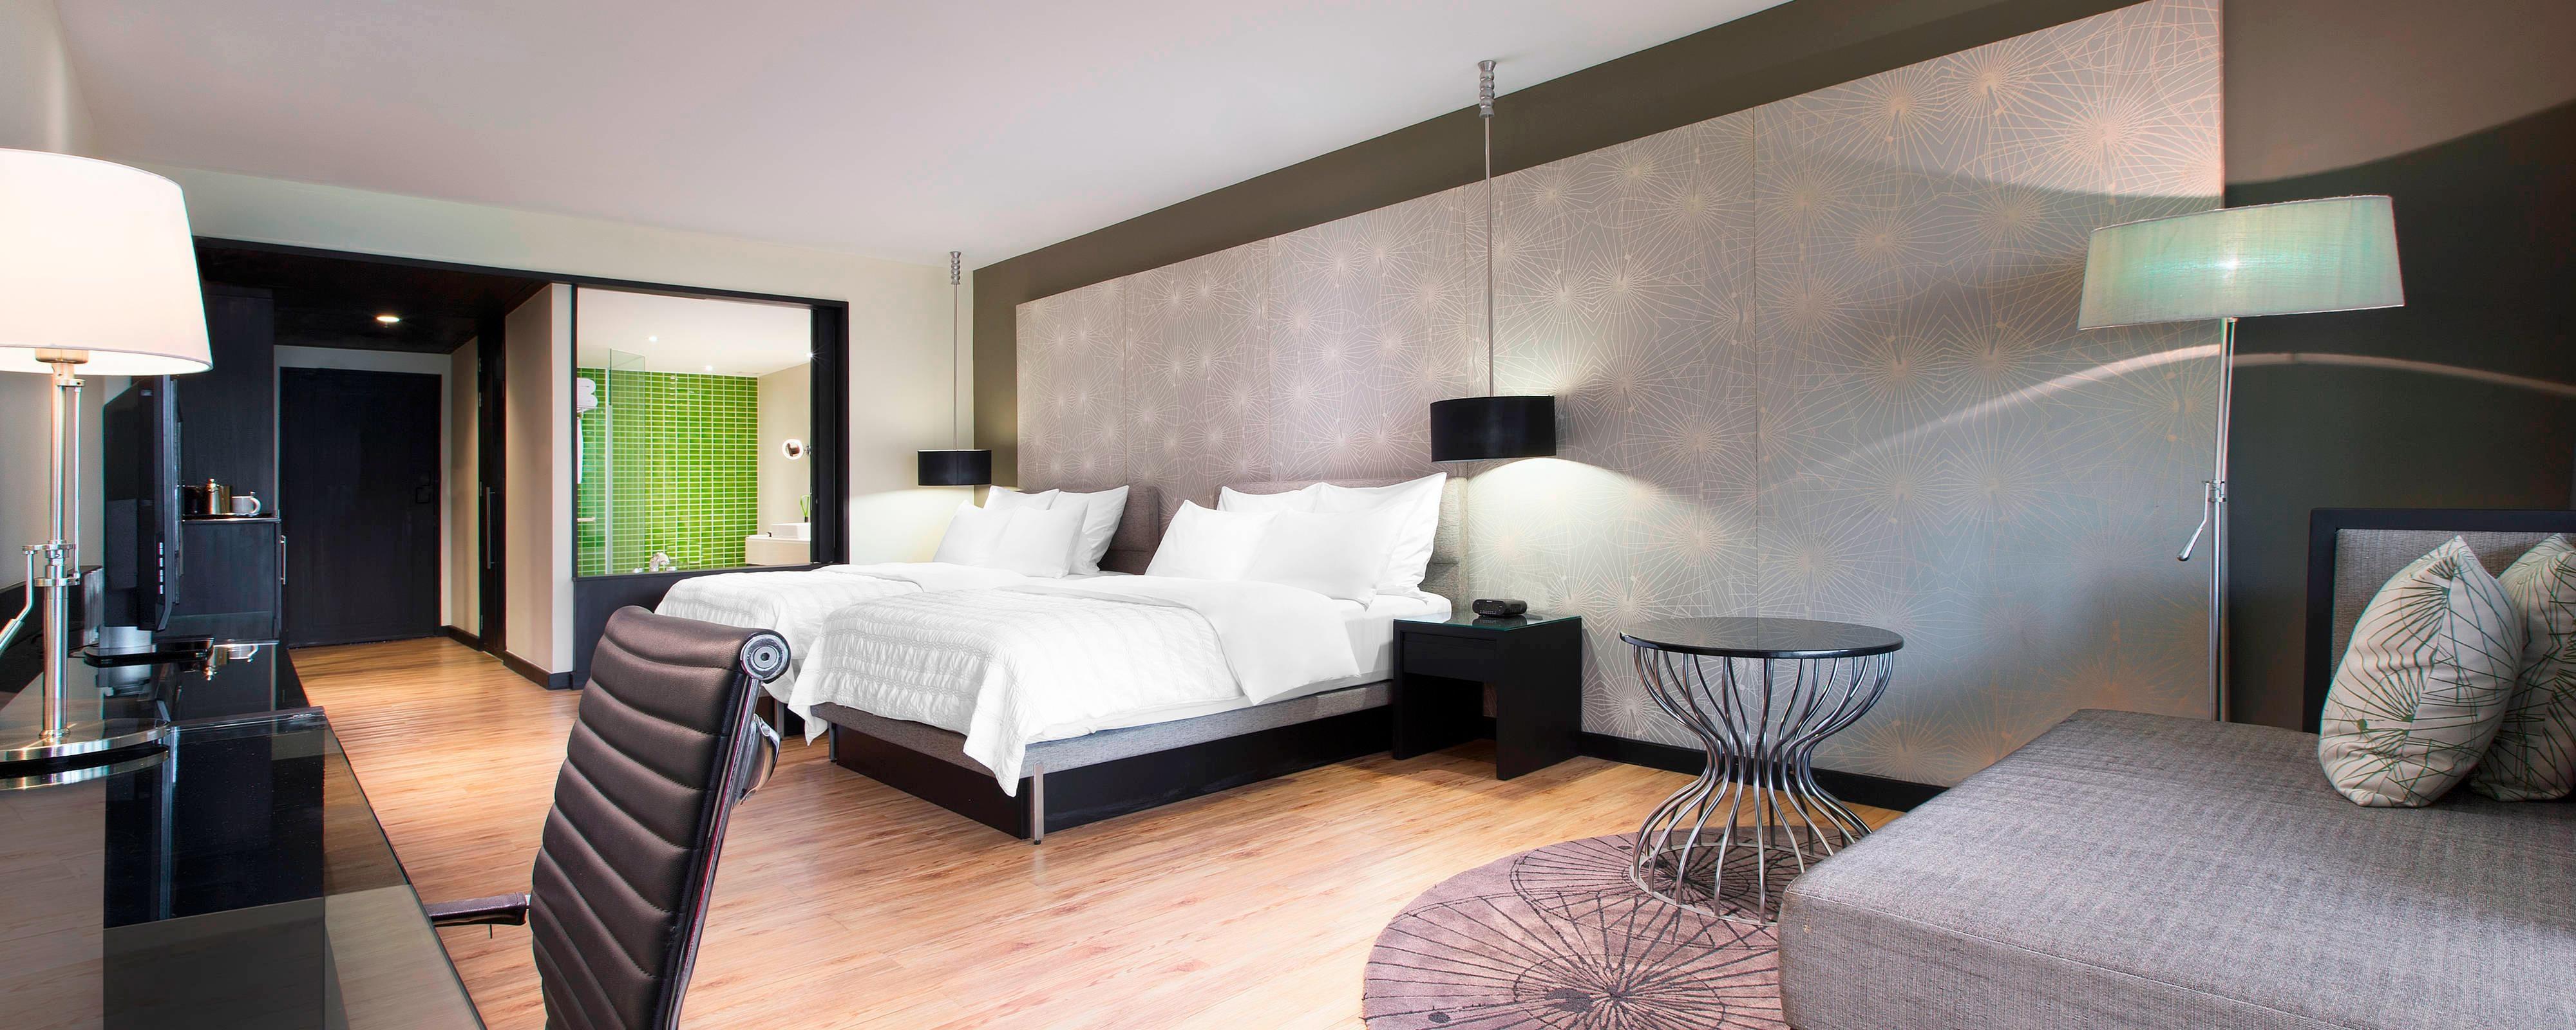 Deluxe Garden/River View - Bedroom